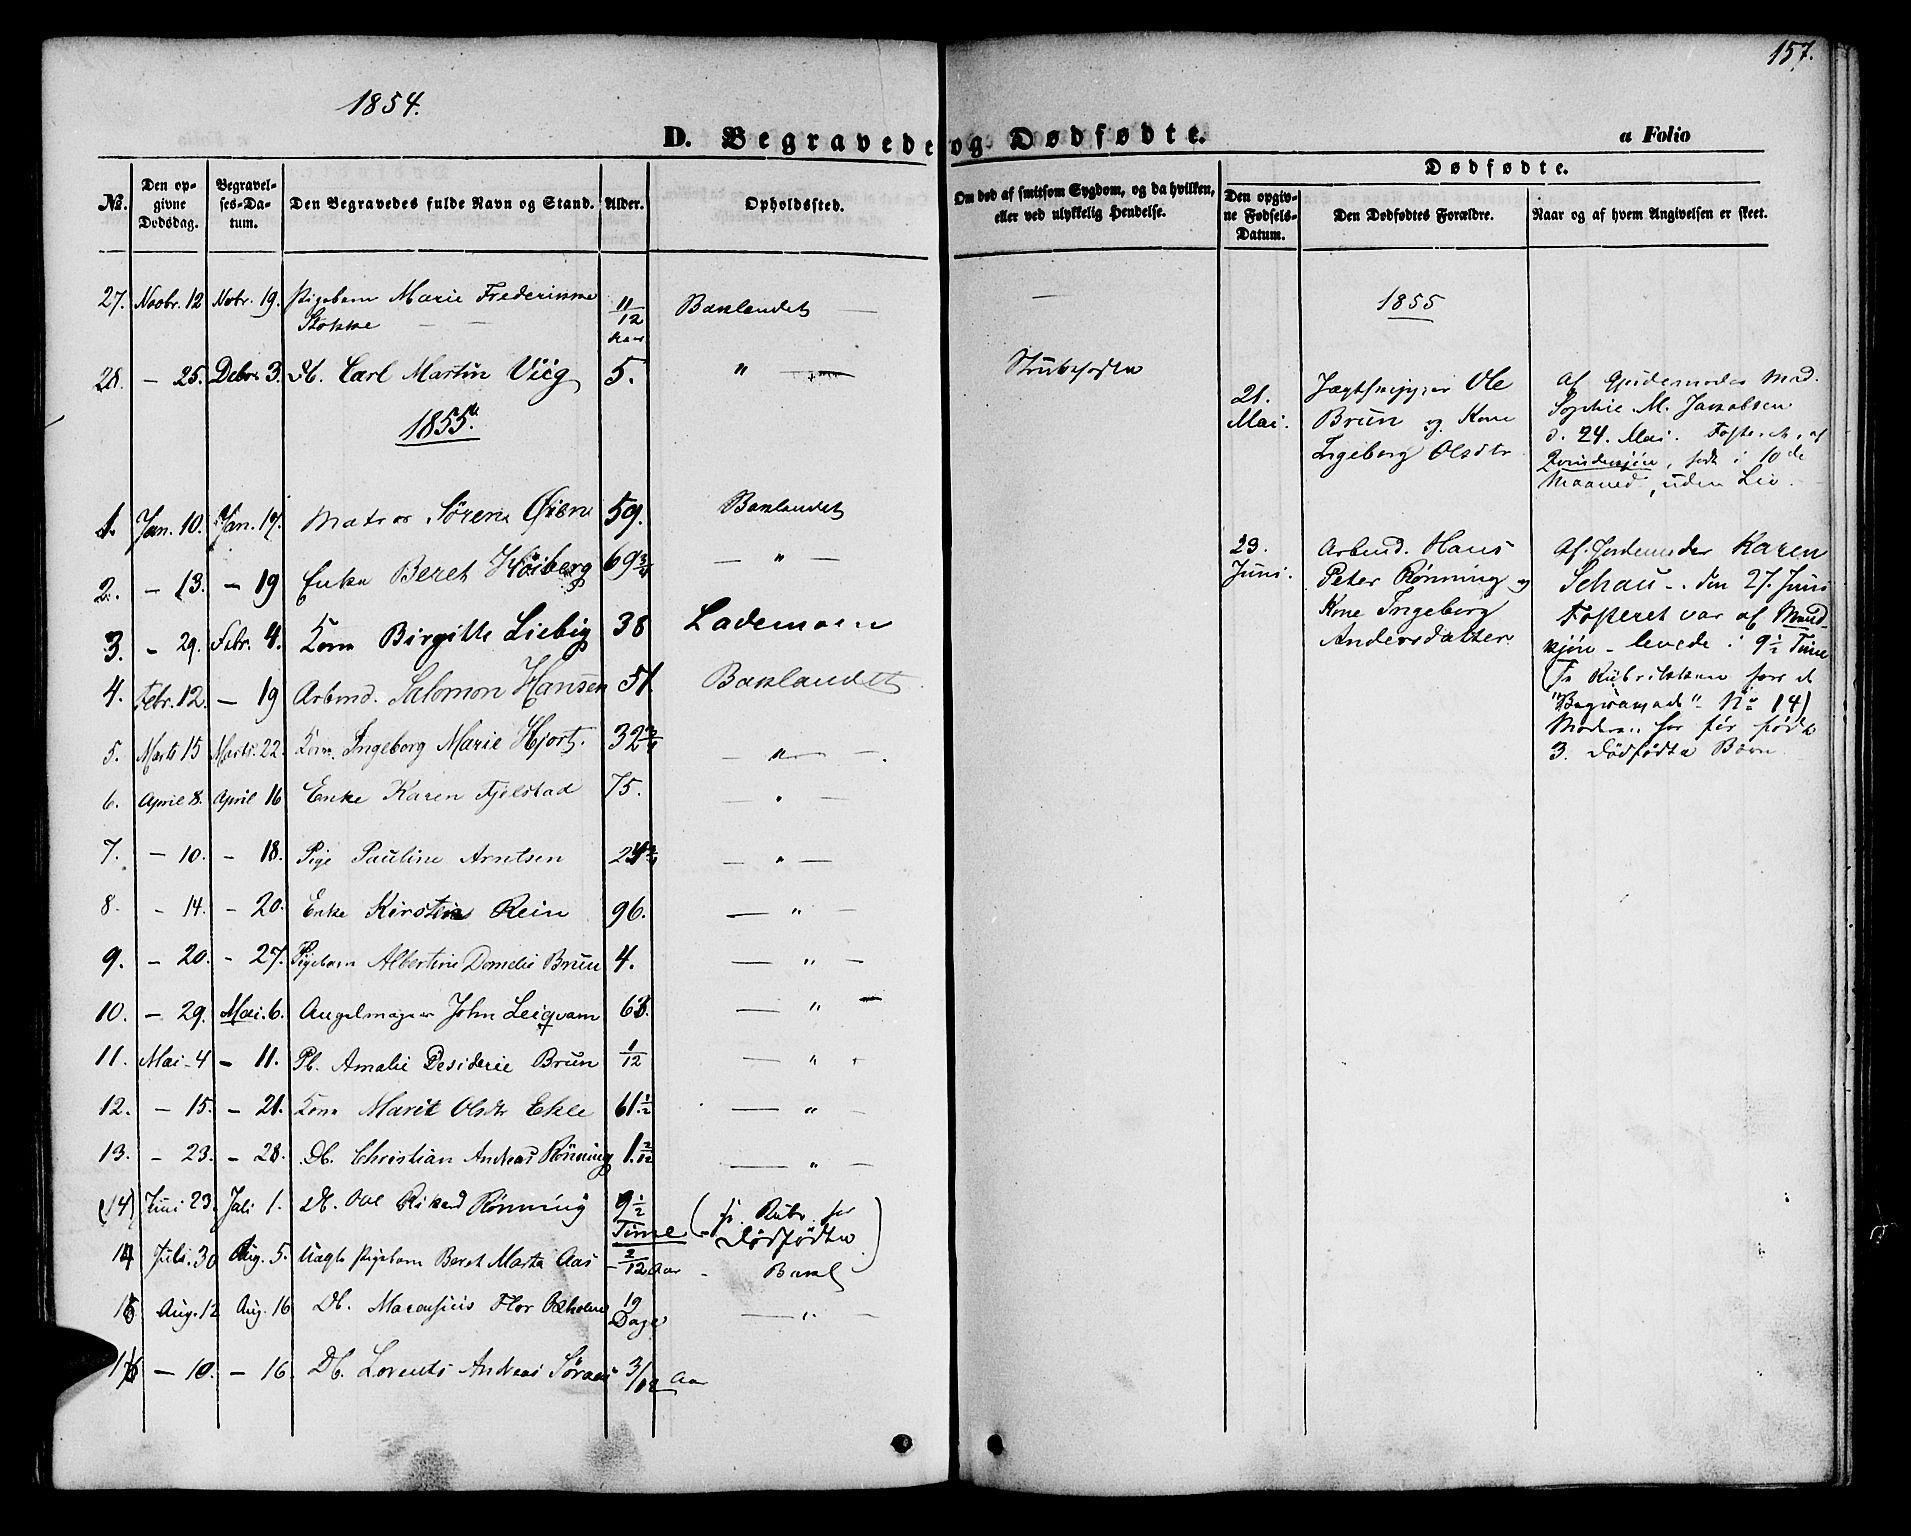 SAT, Ministerialprotokoller, klokkerbøker og fødselsregistre - Sør-Trøndelag, 604/L0184: Ministerialbok nr. 604A05, 1851-1860, s. 157